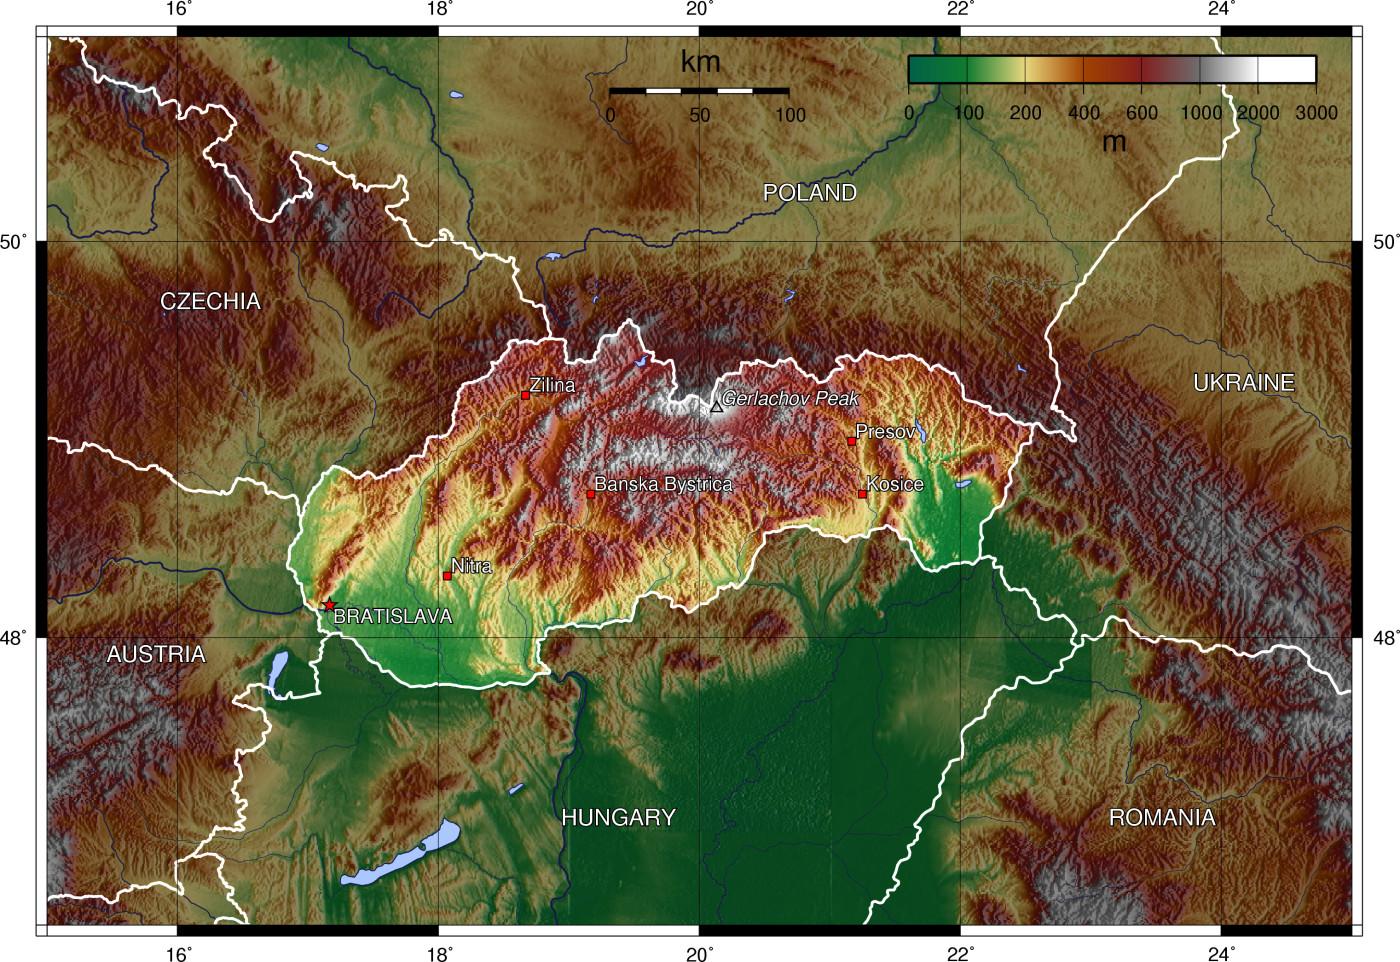 https://i0.wp.com/upload.wikimedia.org/wikipedia/commons/a/aa/Slovakia_topo.jpg